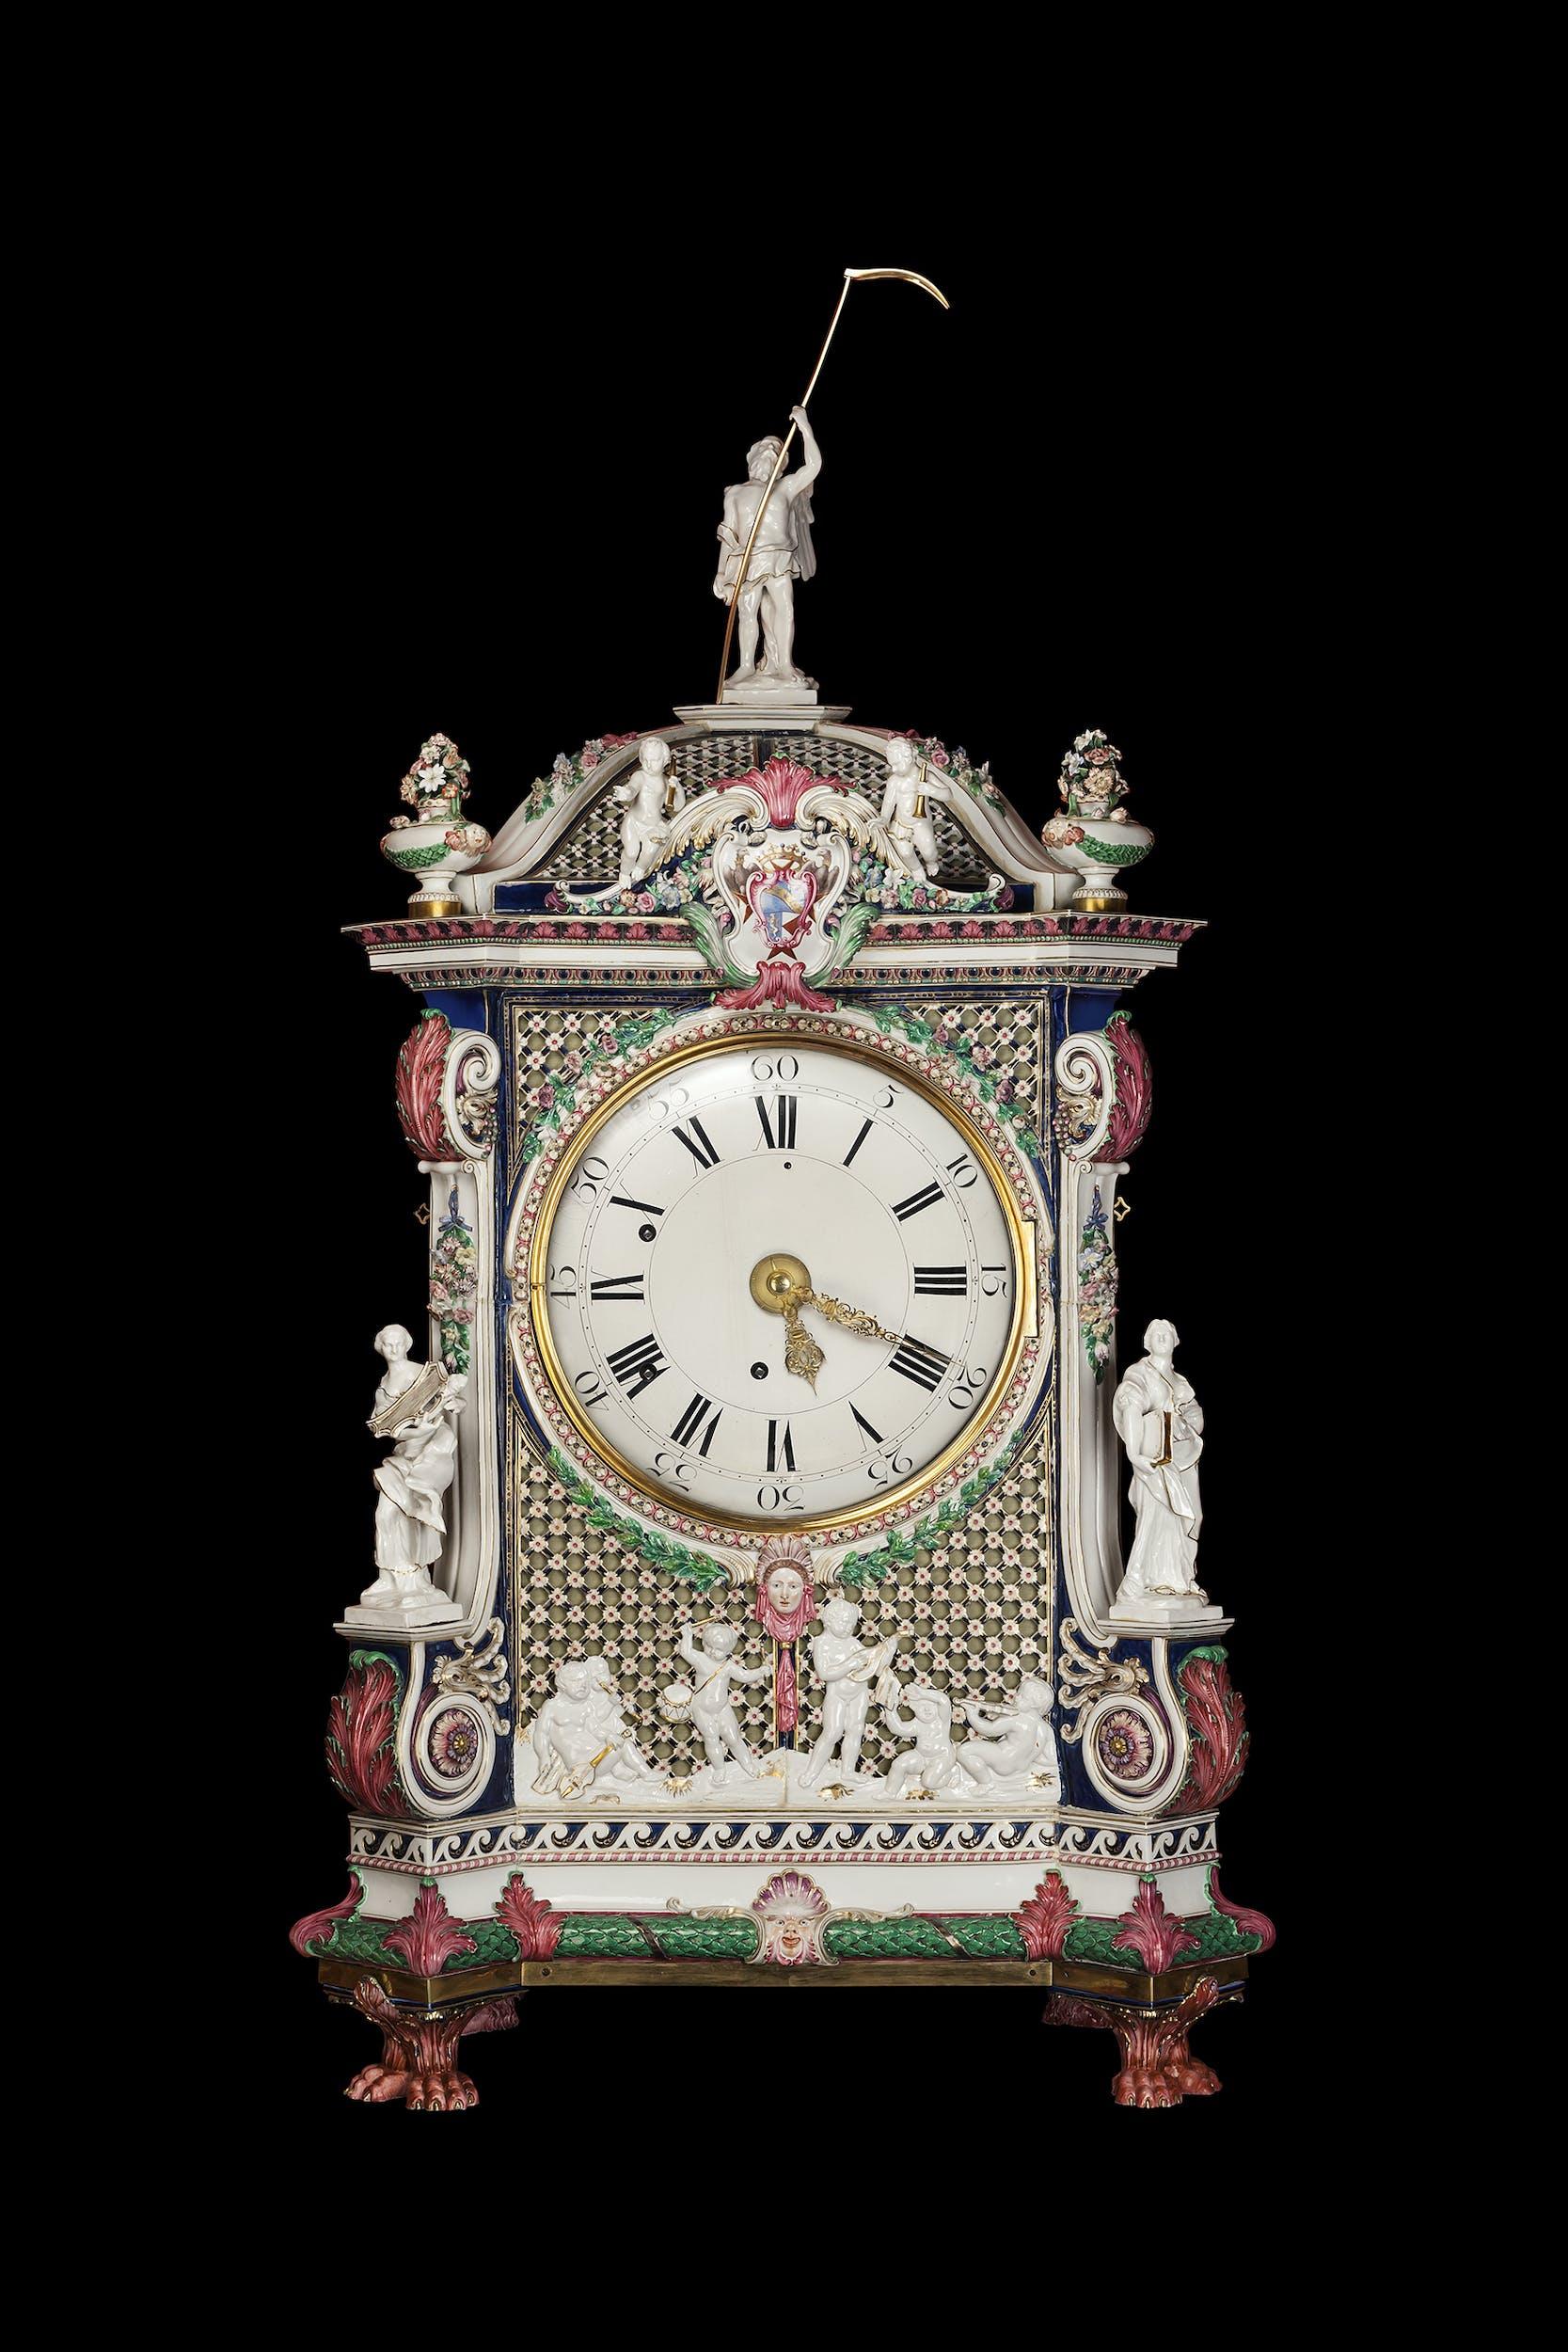 Manifattura Ginori, Doccia Orologio da tavolo 1777-1778 circa porcellana dipinta in policromia e dorata, bronzo dorato e vetro Giordano Art Collections